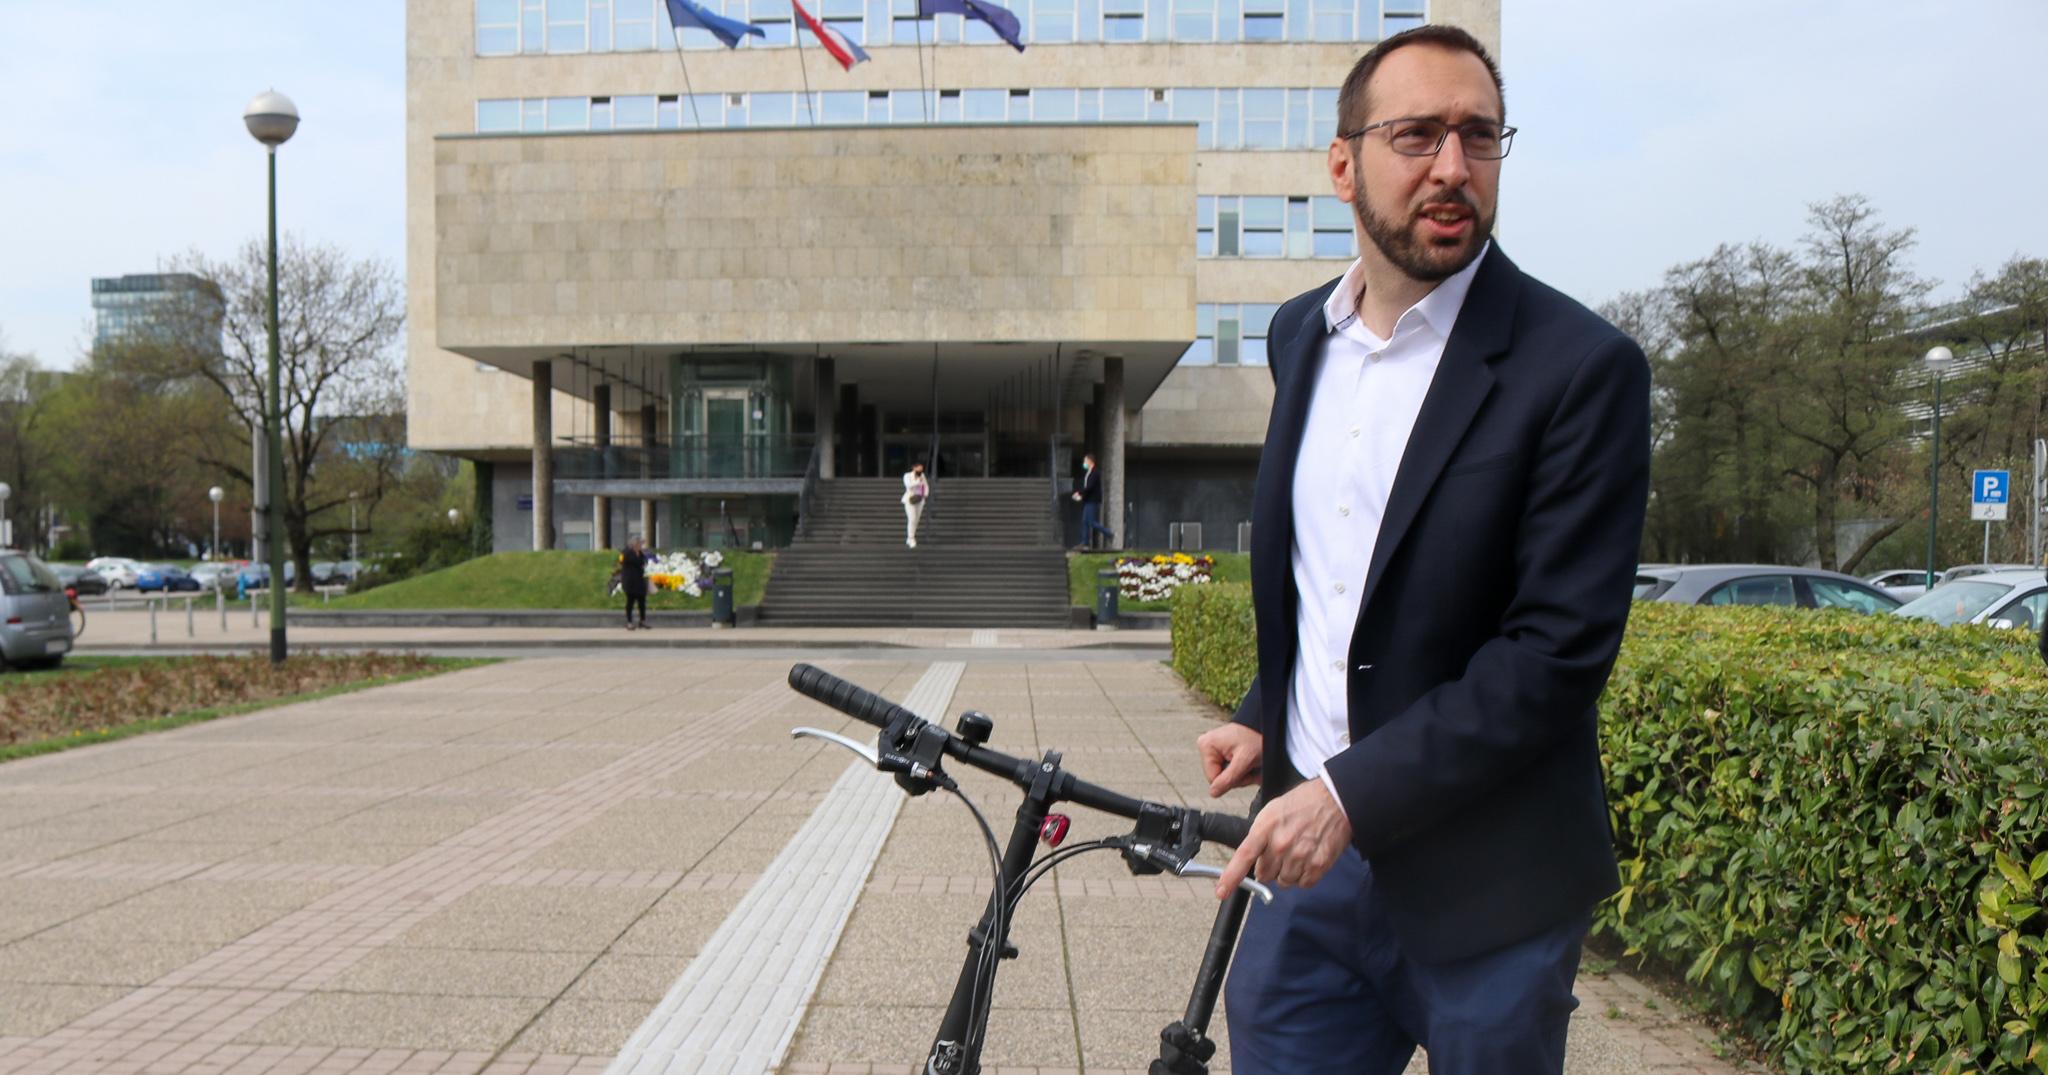 Tomašević: Jedna tvrtka osvojila 90% gradskih natječaja za najam vozila, vrijednih 52 milijuna kuna